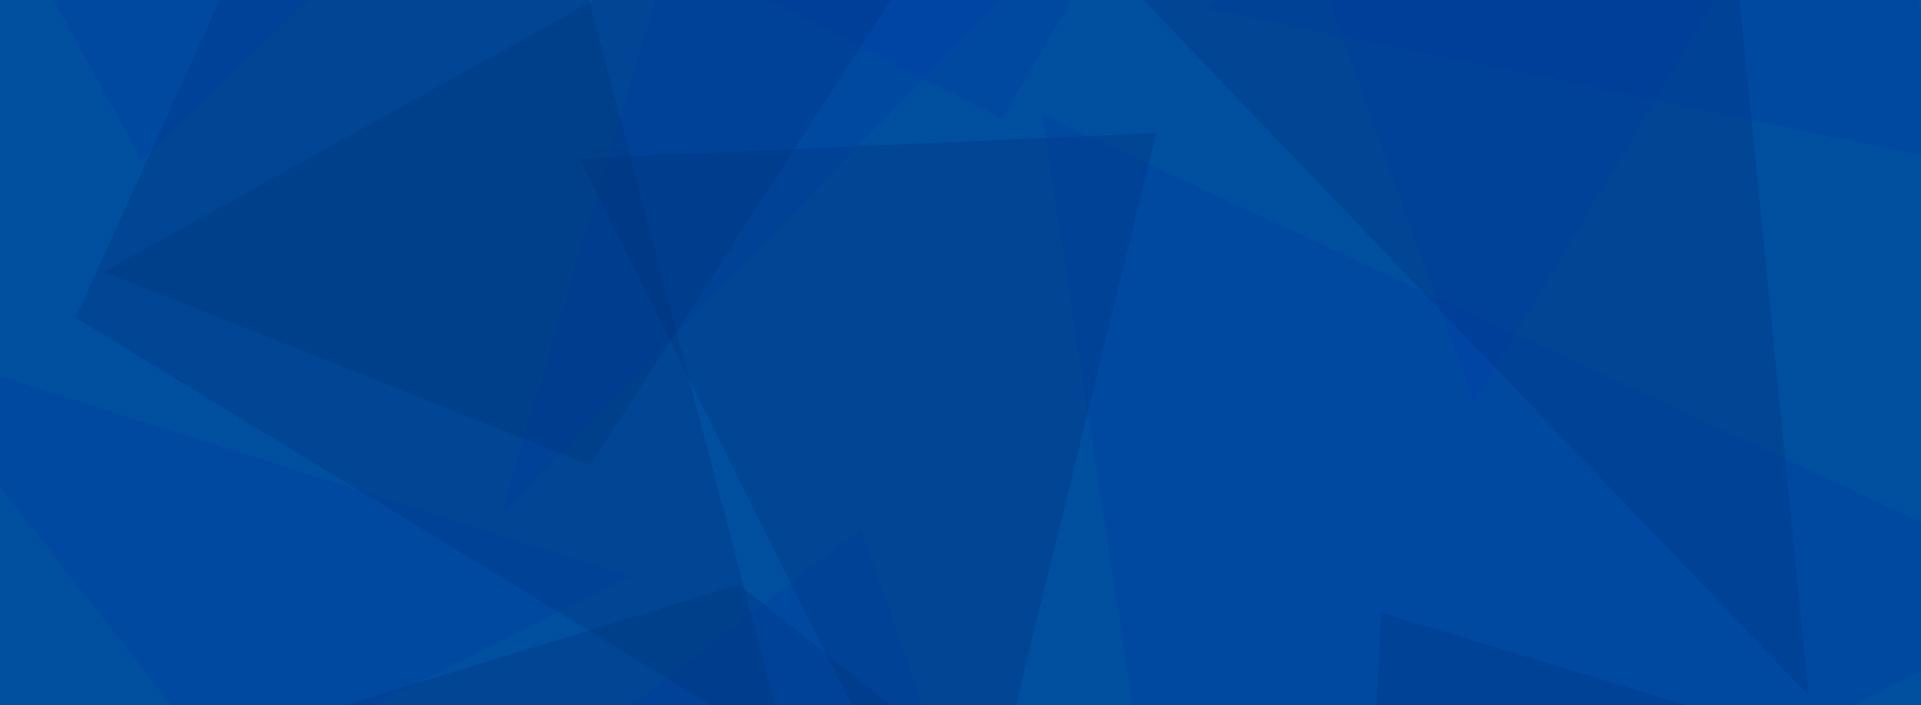 20190620-UNIAJC-Horarios-de-Atención-11